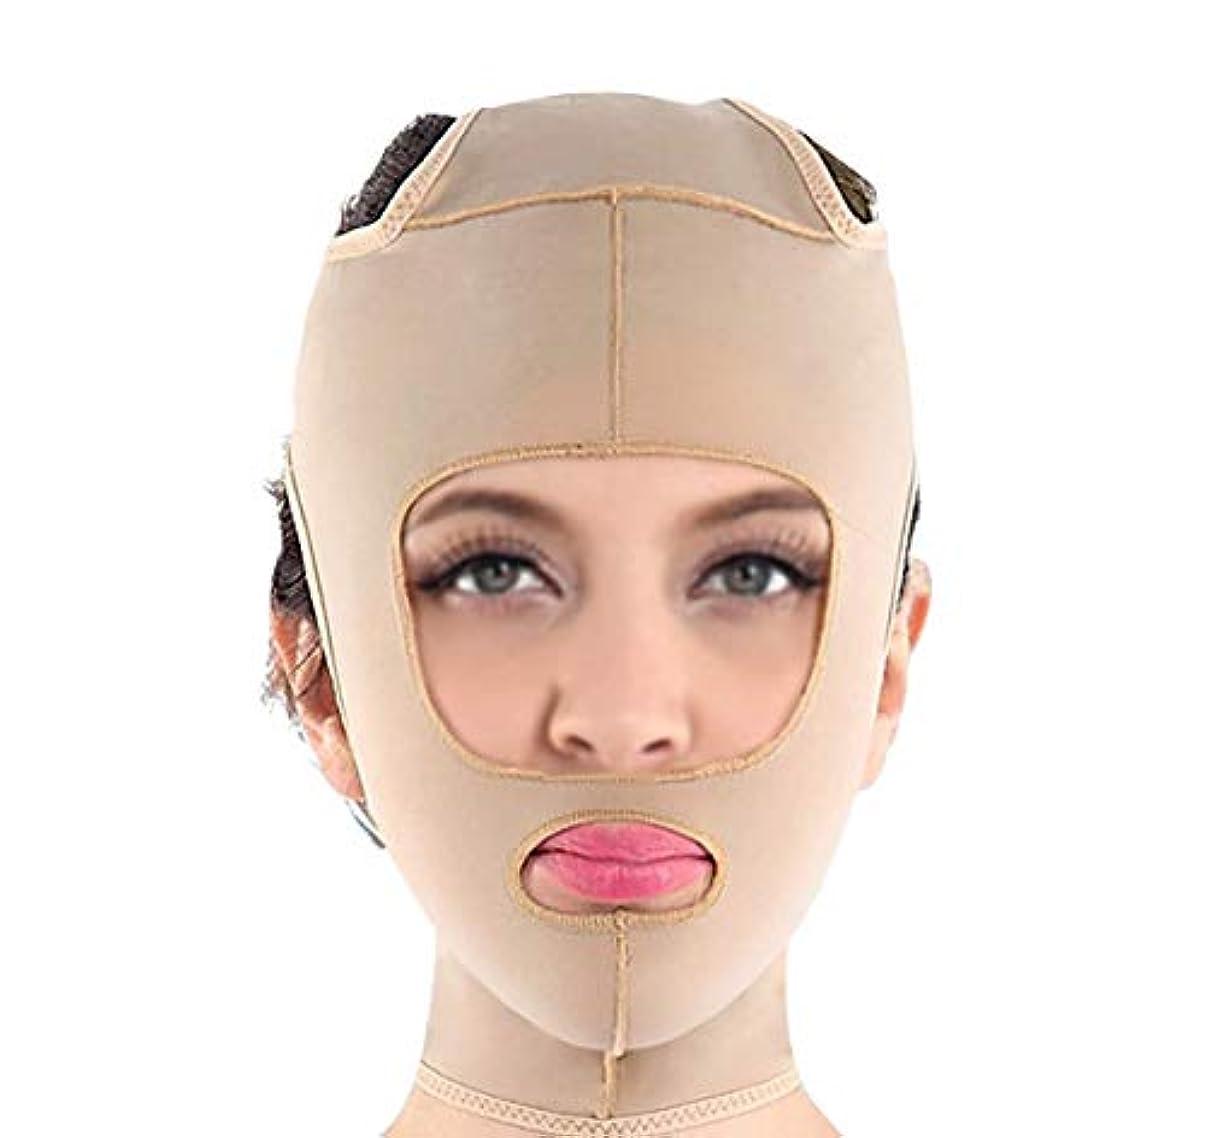 予防接種するあいまいさモロニック包帯vフェイス楽器フェイスマスクマジックフェイスフェイシャルフェイシャルフェイシャルマッサージフェイシャルリンクルリフティング引き締めビニールマスク(サイズ:L),S